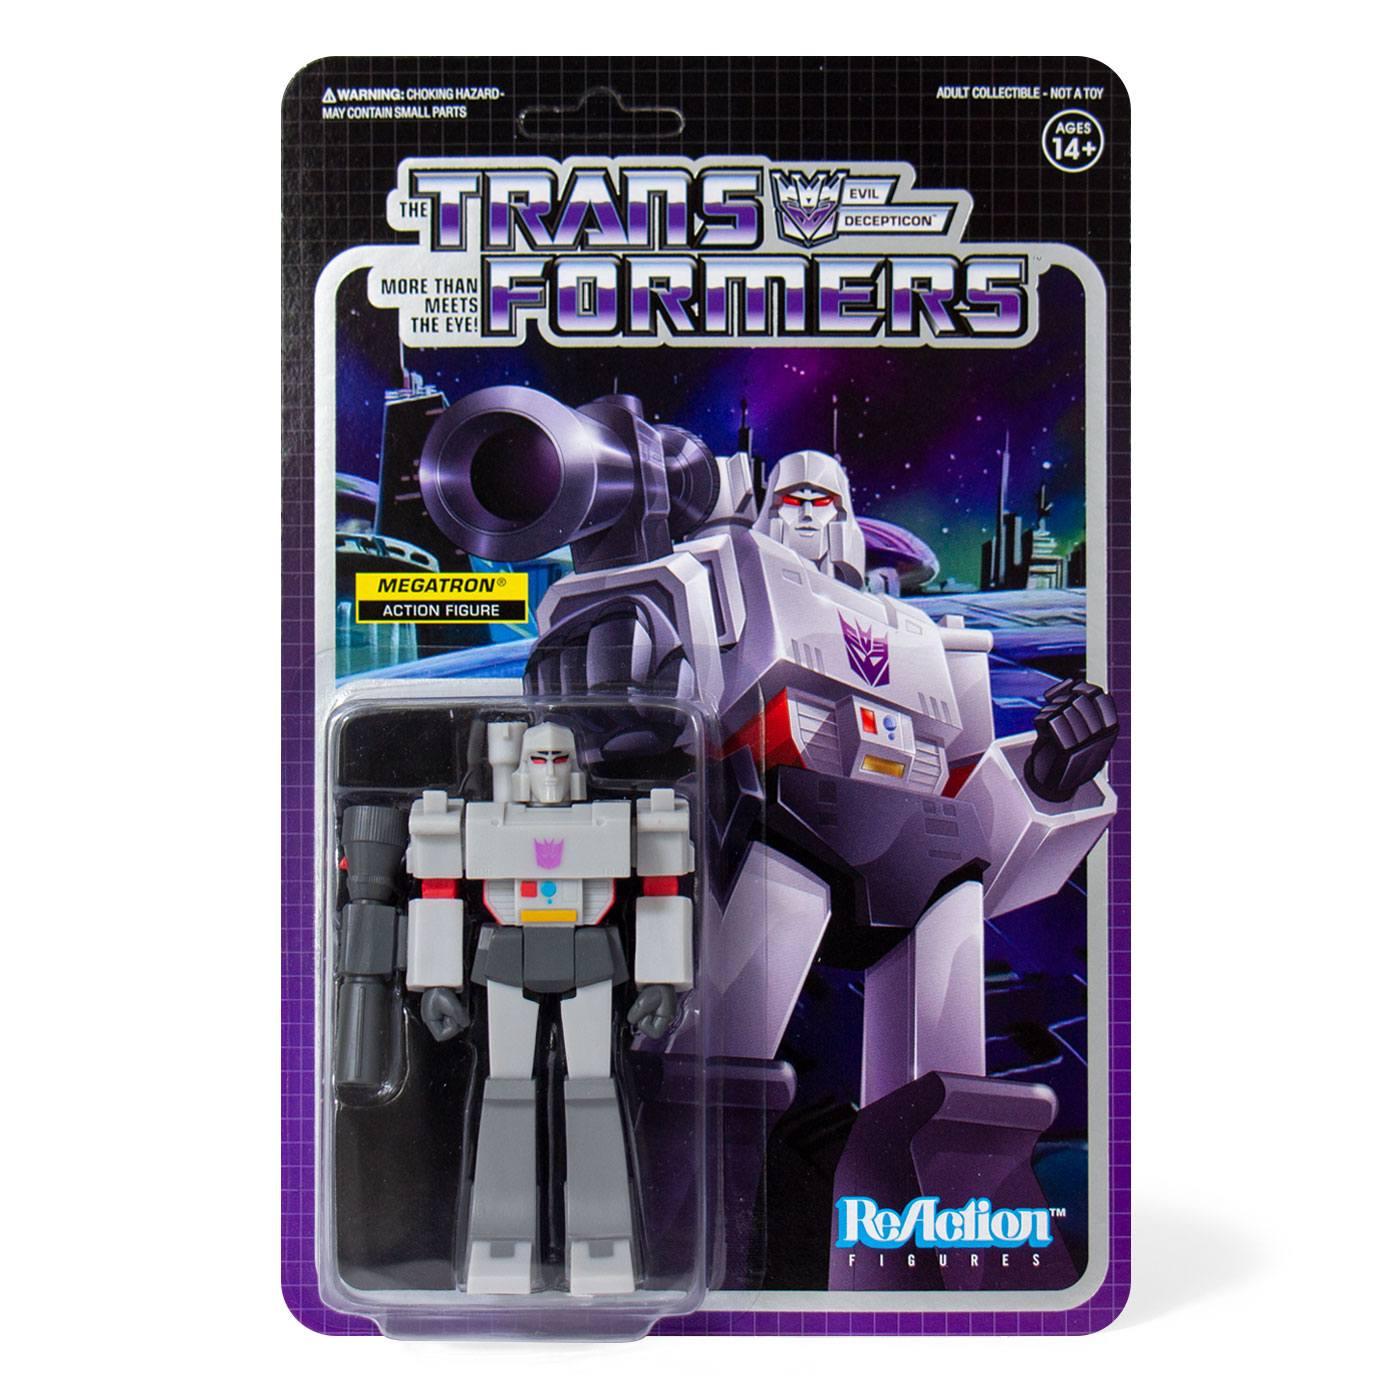 ReAction Figure: Transformers - Megatron by Super 7